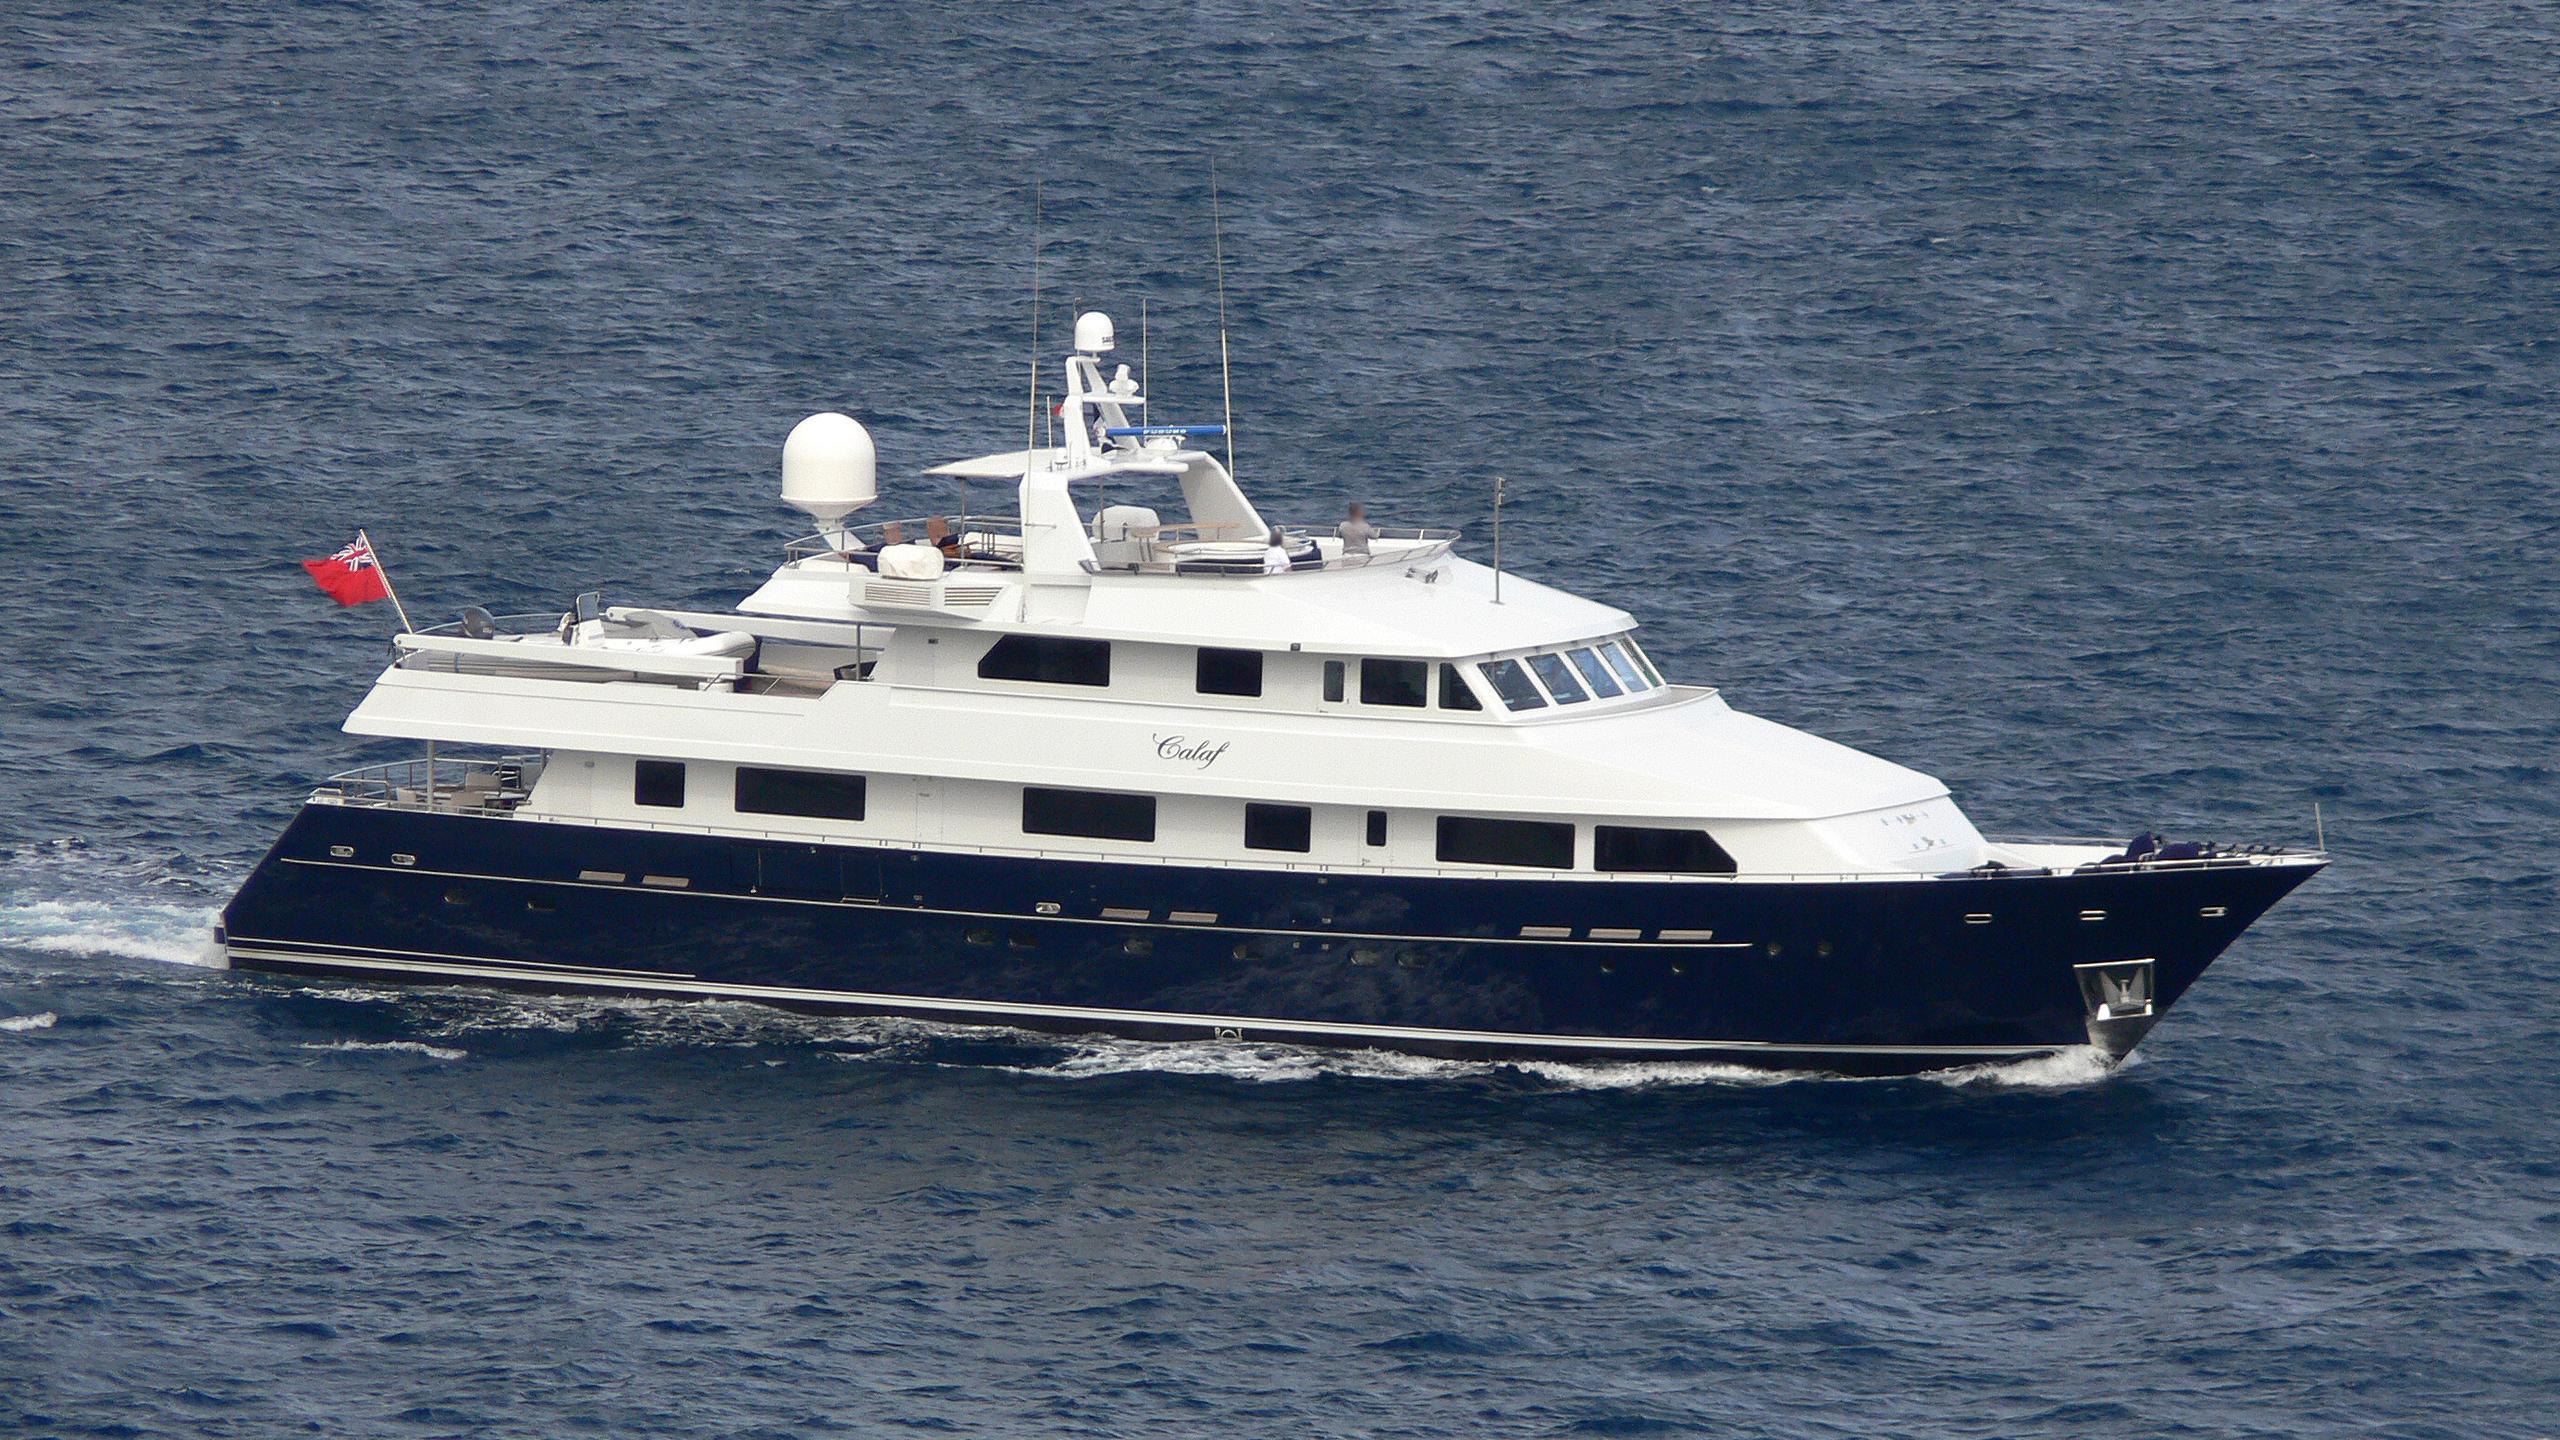 magix-motor-yacht-heesen-1992-37m-cruising